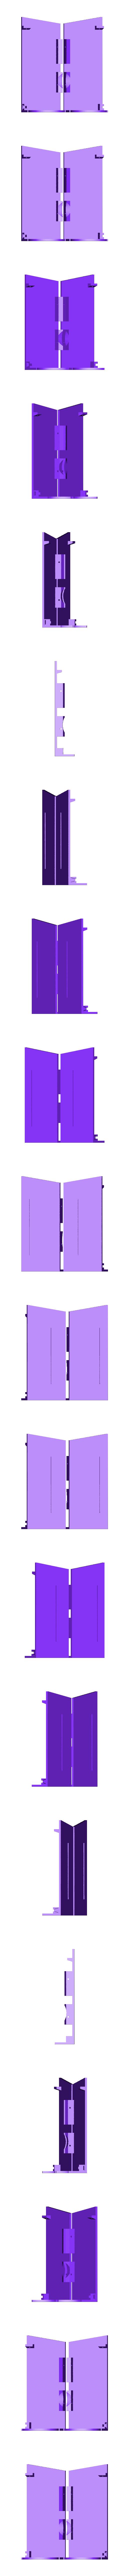 Housing_V3_2_own_final.stl Télécharger fichier STL gratuit Windkraft-Anlage (pausiert - warte auf Teile aus China) • Plan pour impression 3D, CoffeCup